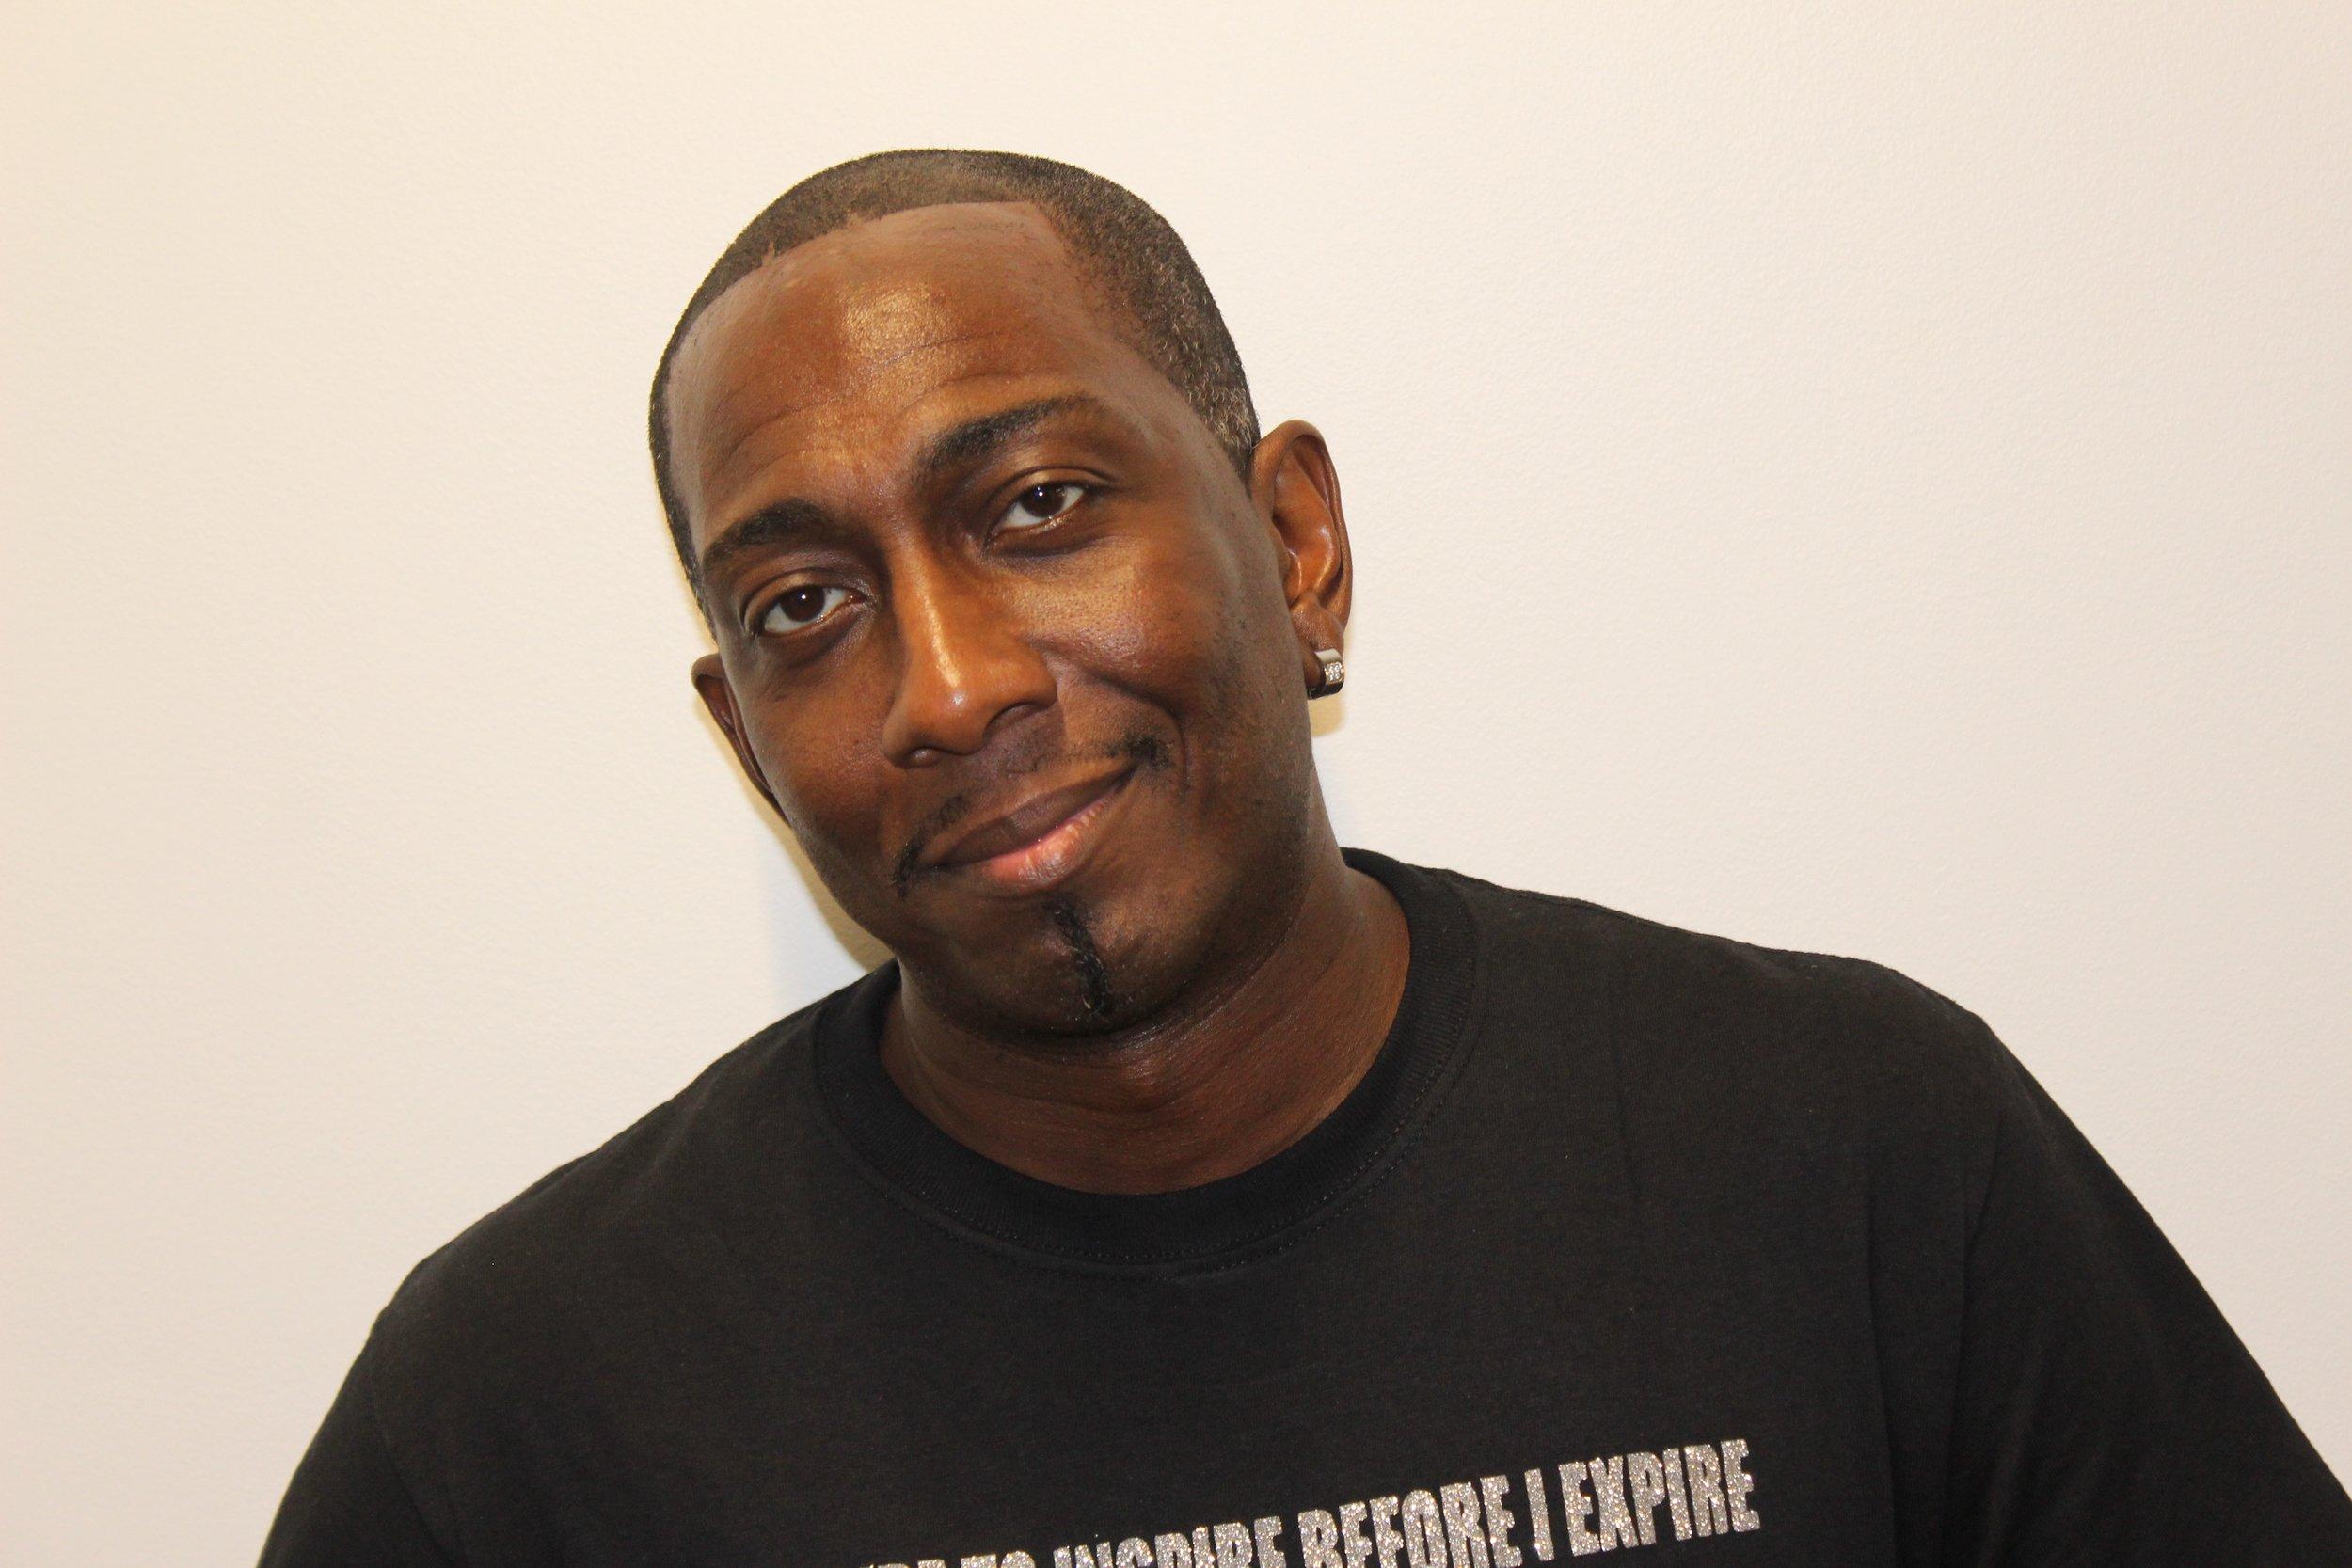 Lonnie Walker, JOY Baltimore